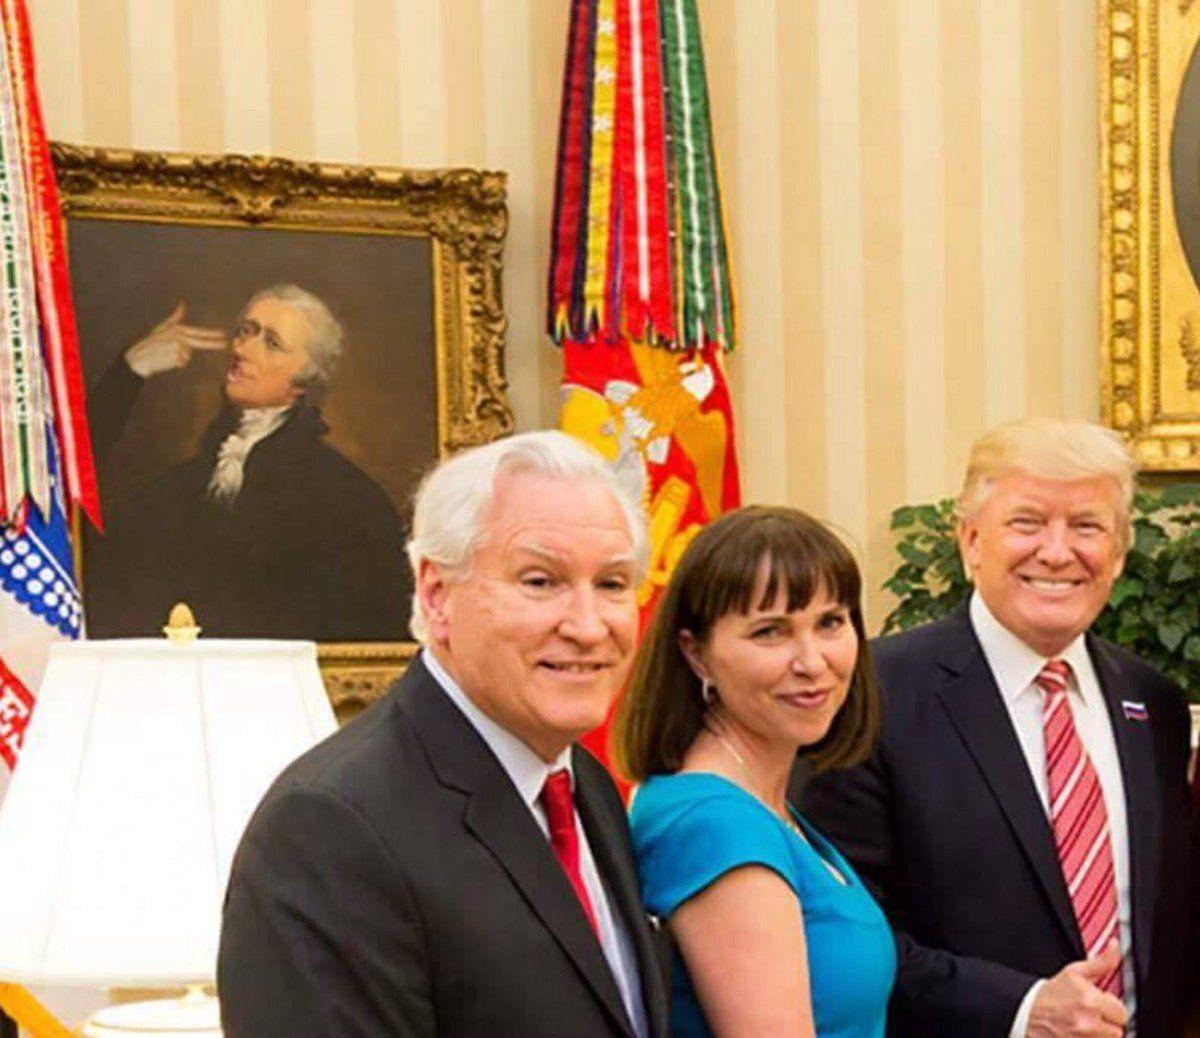 Sous le portrait de Washington